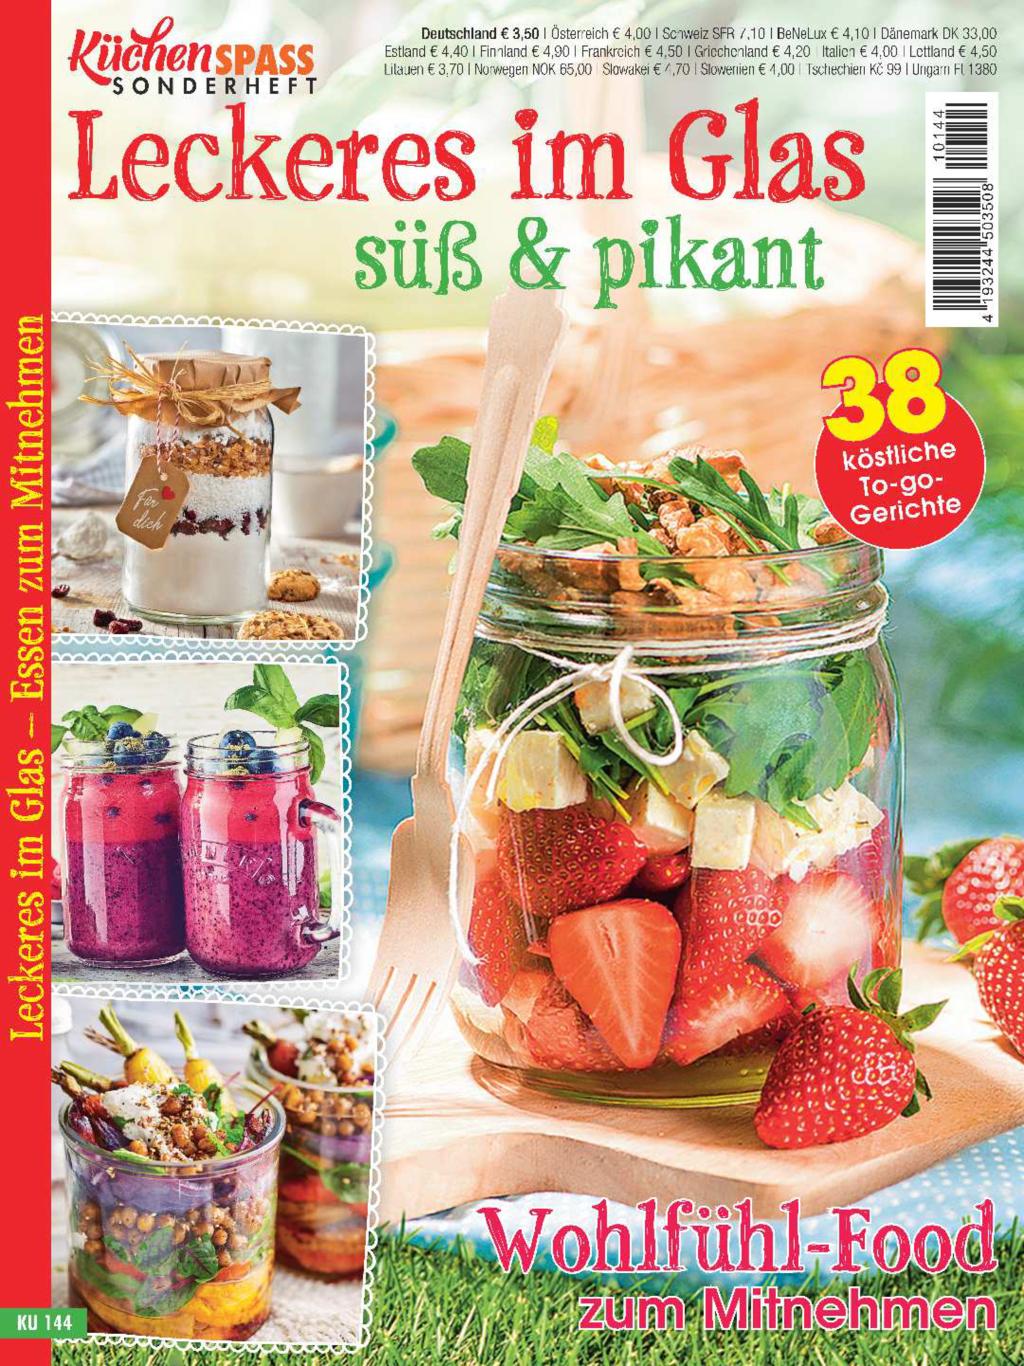 Küchenspaß Sonderheft KU 144 - Wohlfühl-Food zum Mitnehmen